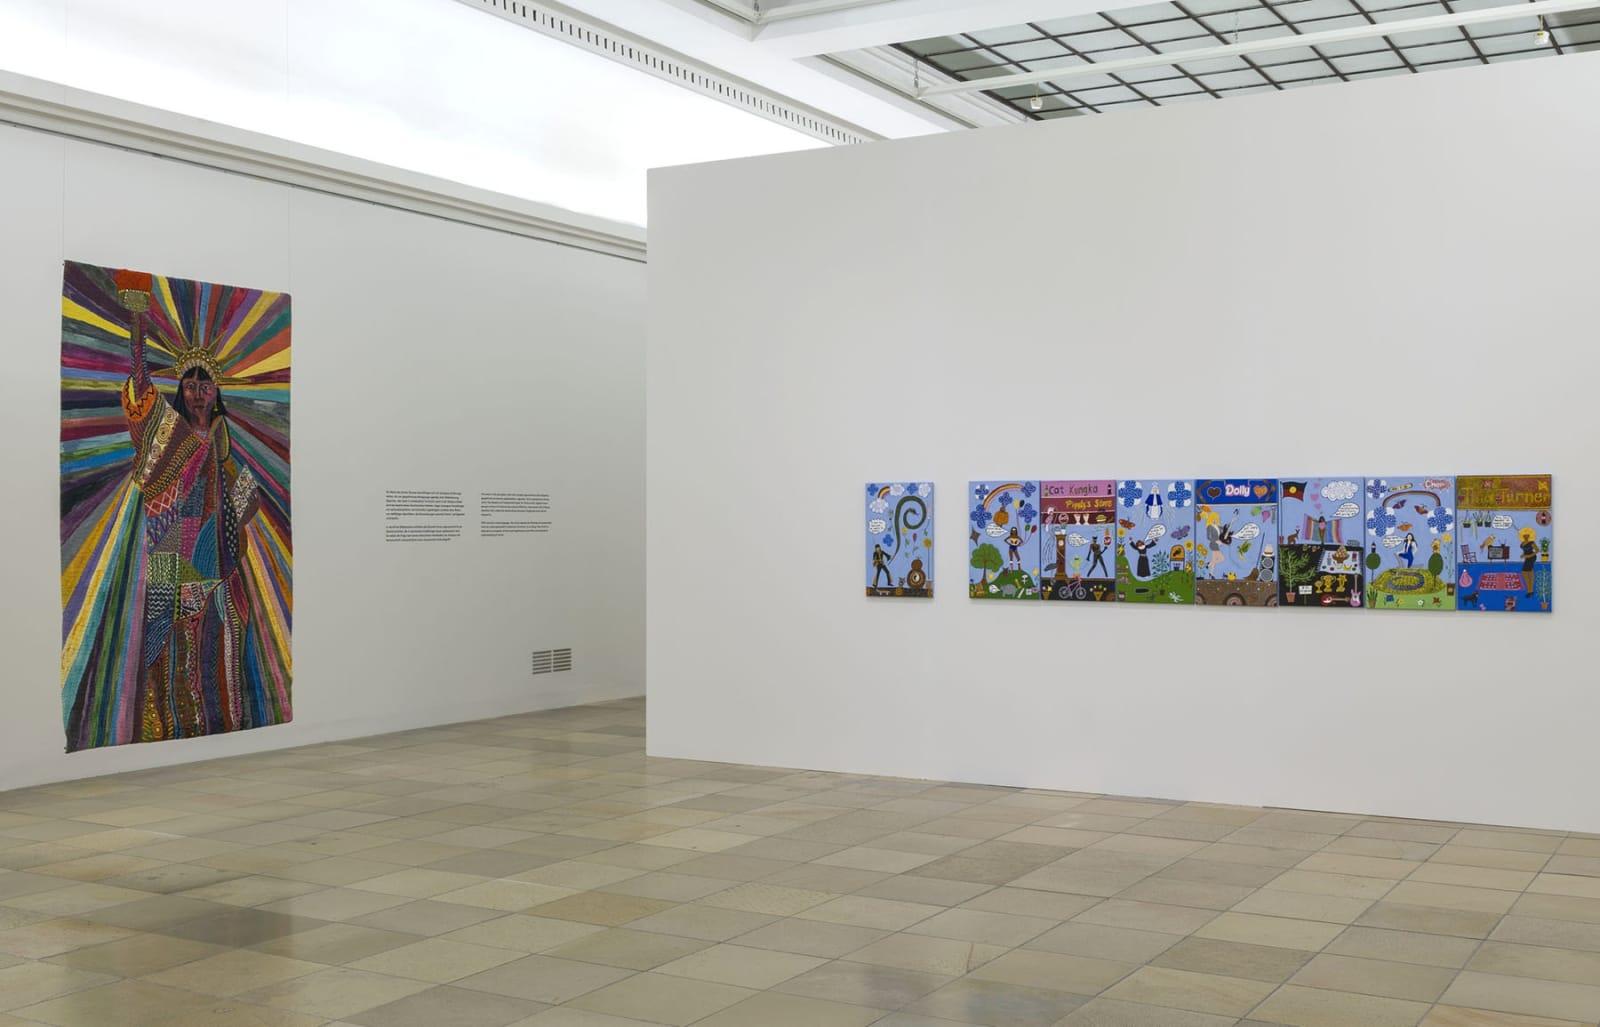 Sweat | Haus der Kunst, Munich